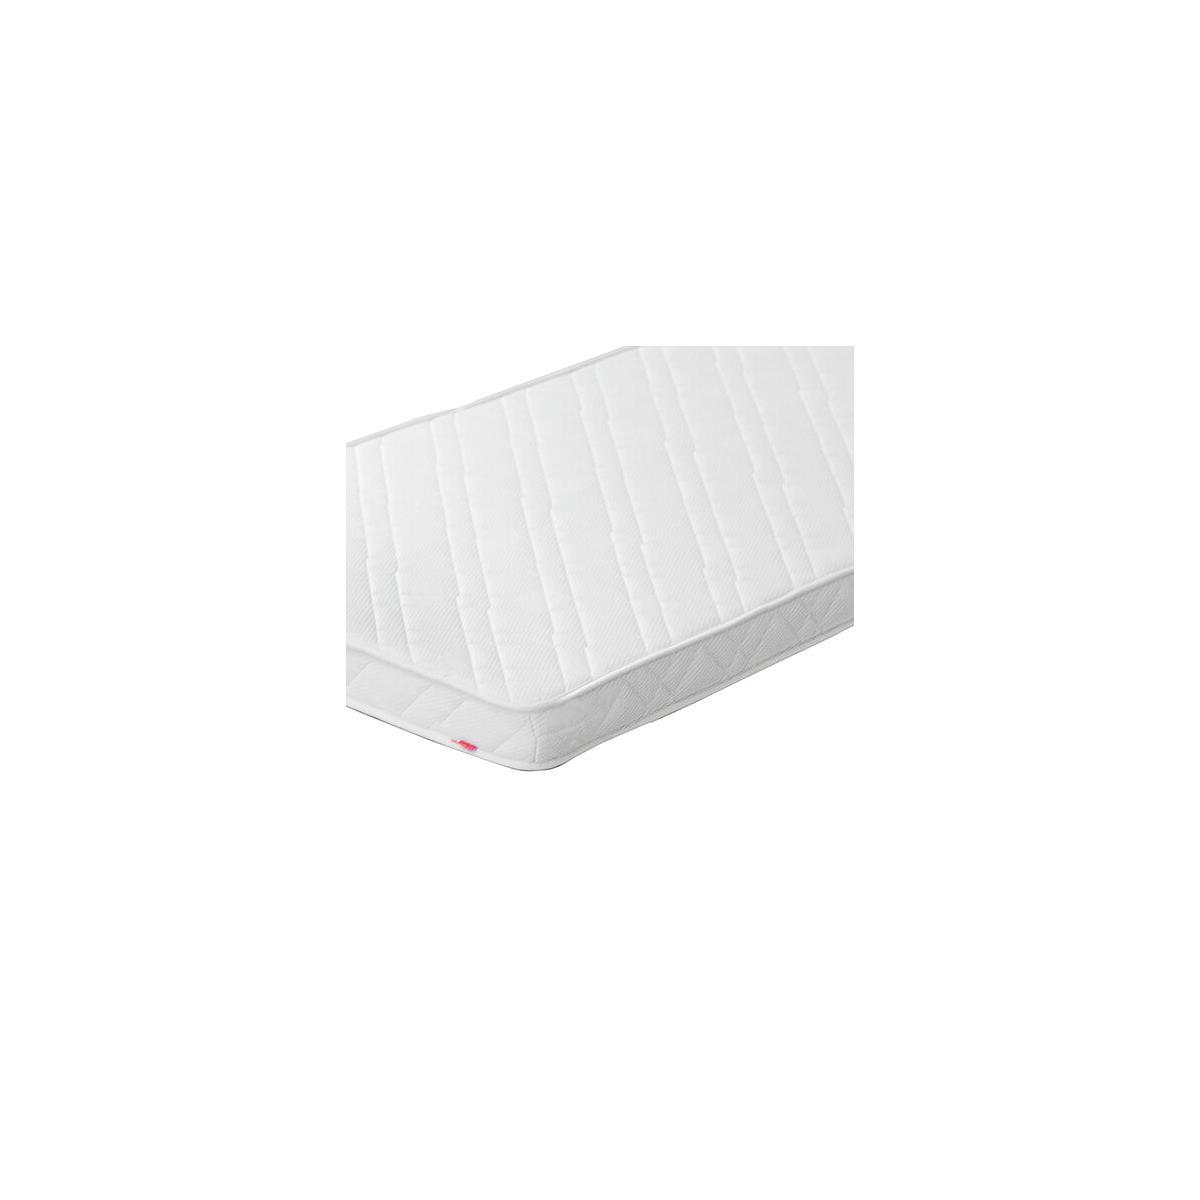 Colchón espuma y látex con funda 90x200 Flexa crema